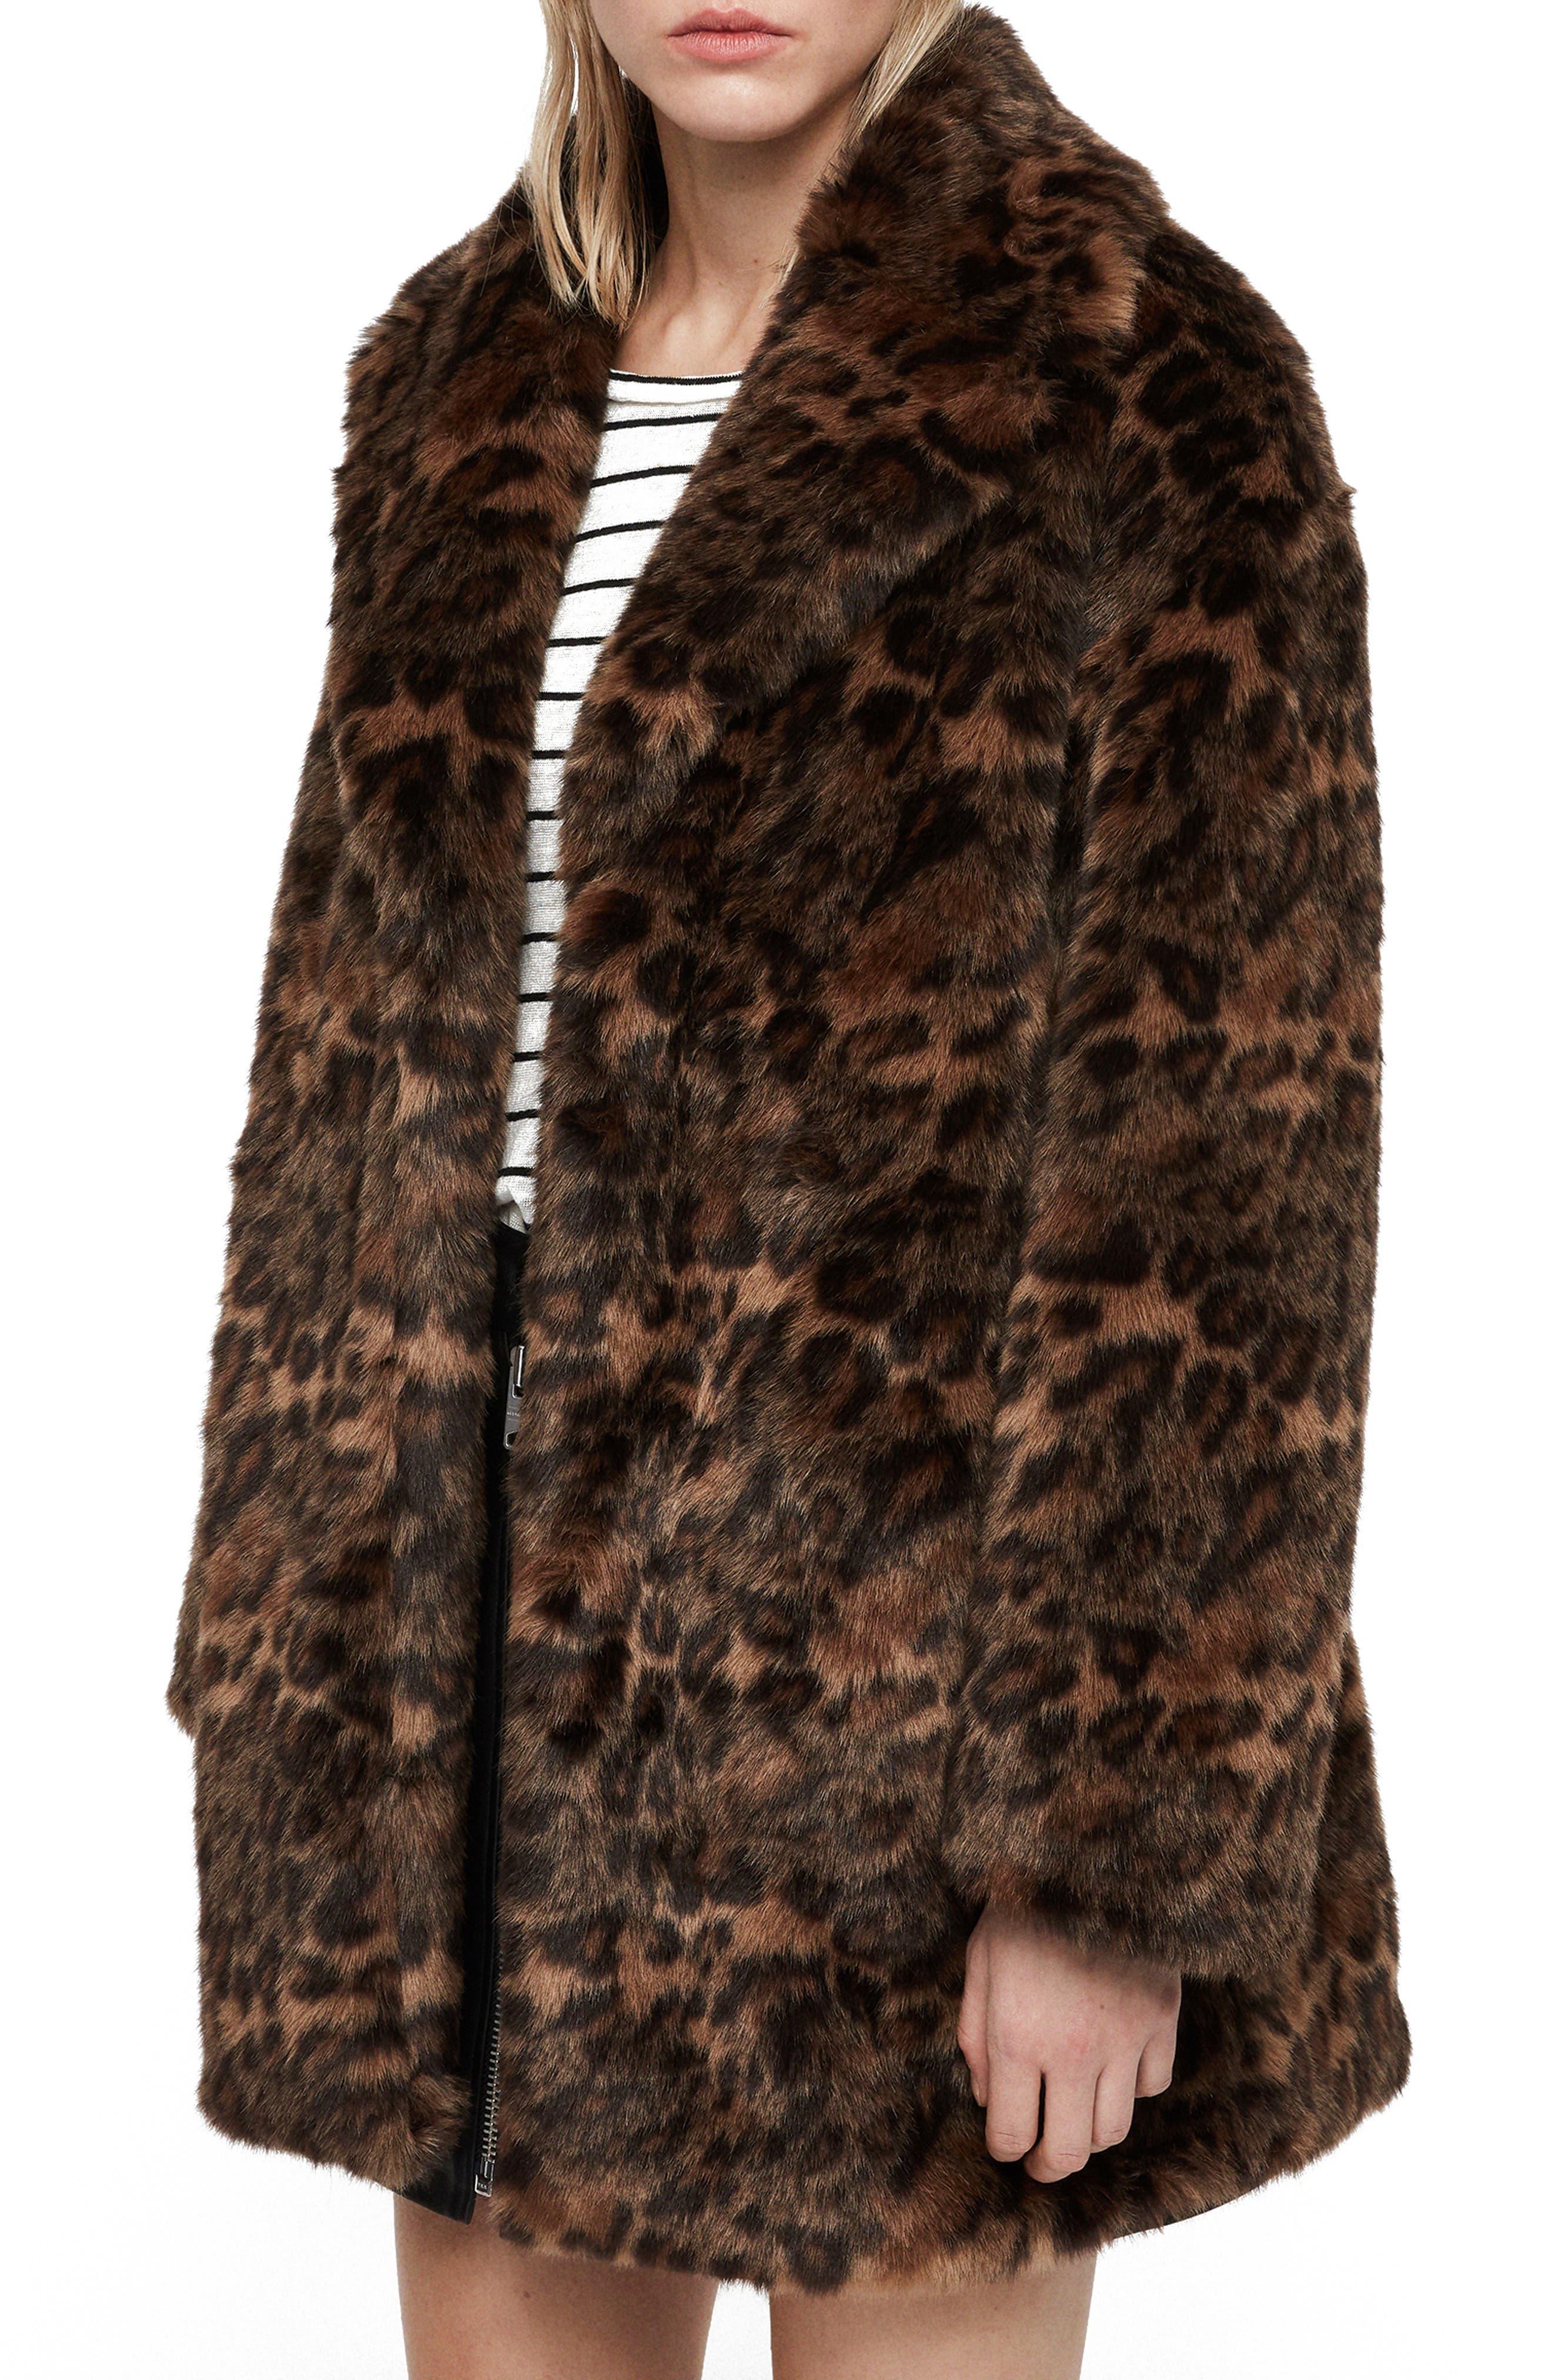 Amice Leopard Spot Faux Fur Jacket,                             Alternate thumbnail 3, color,                             BROWN